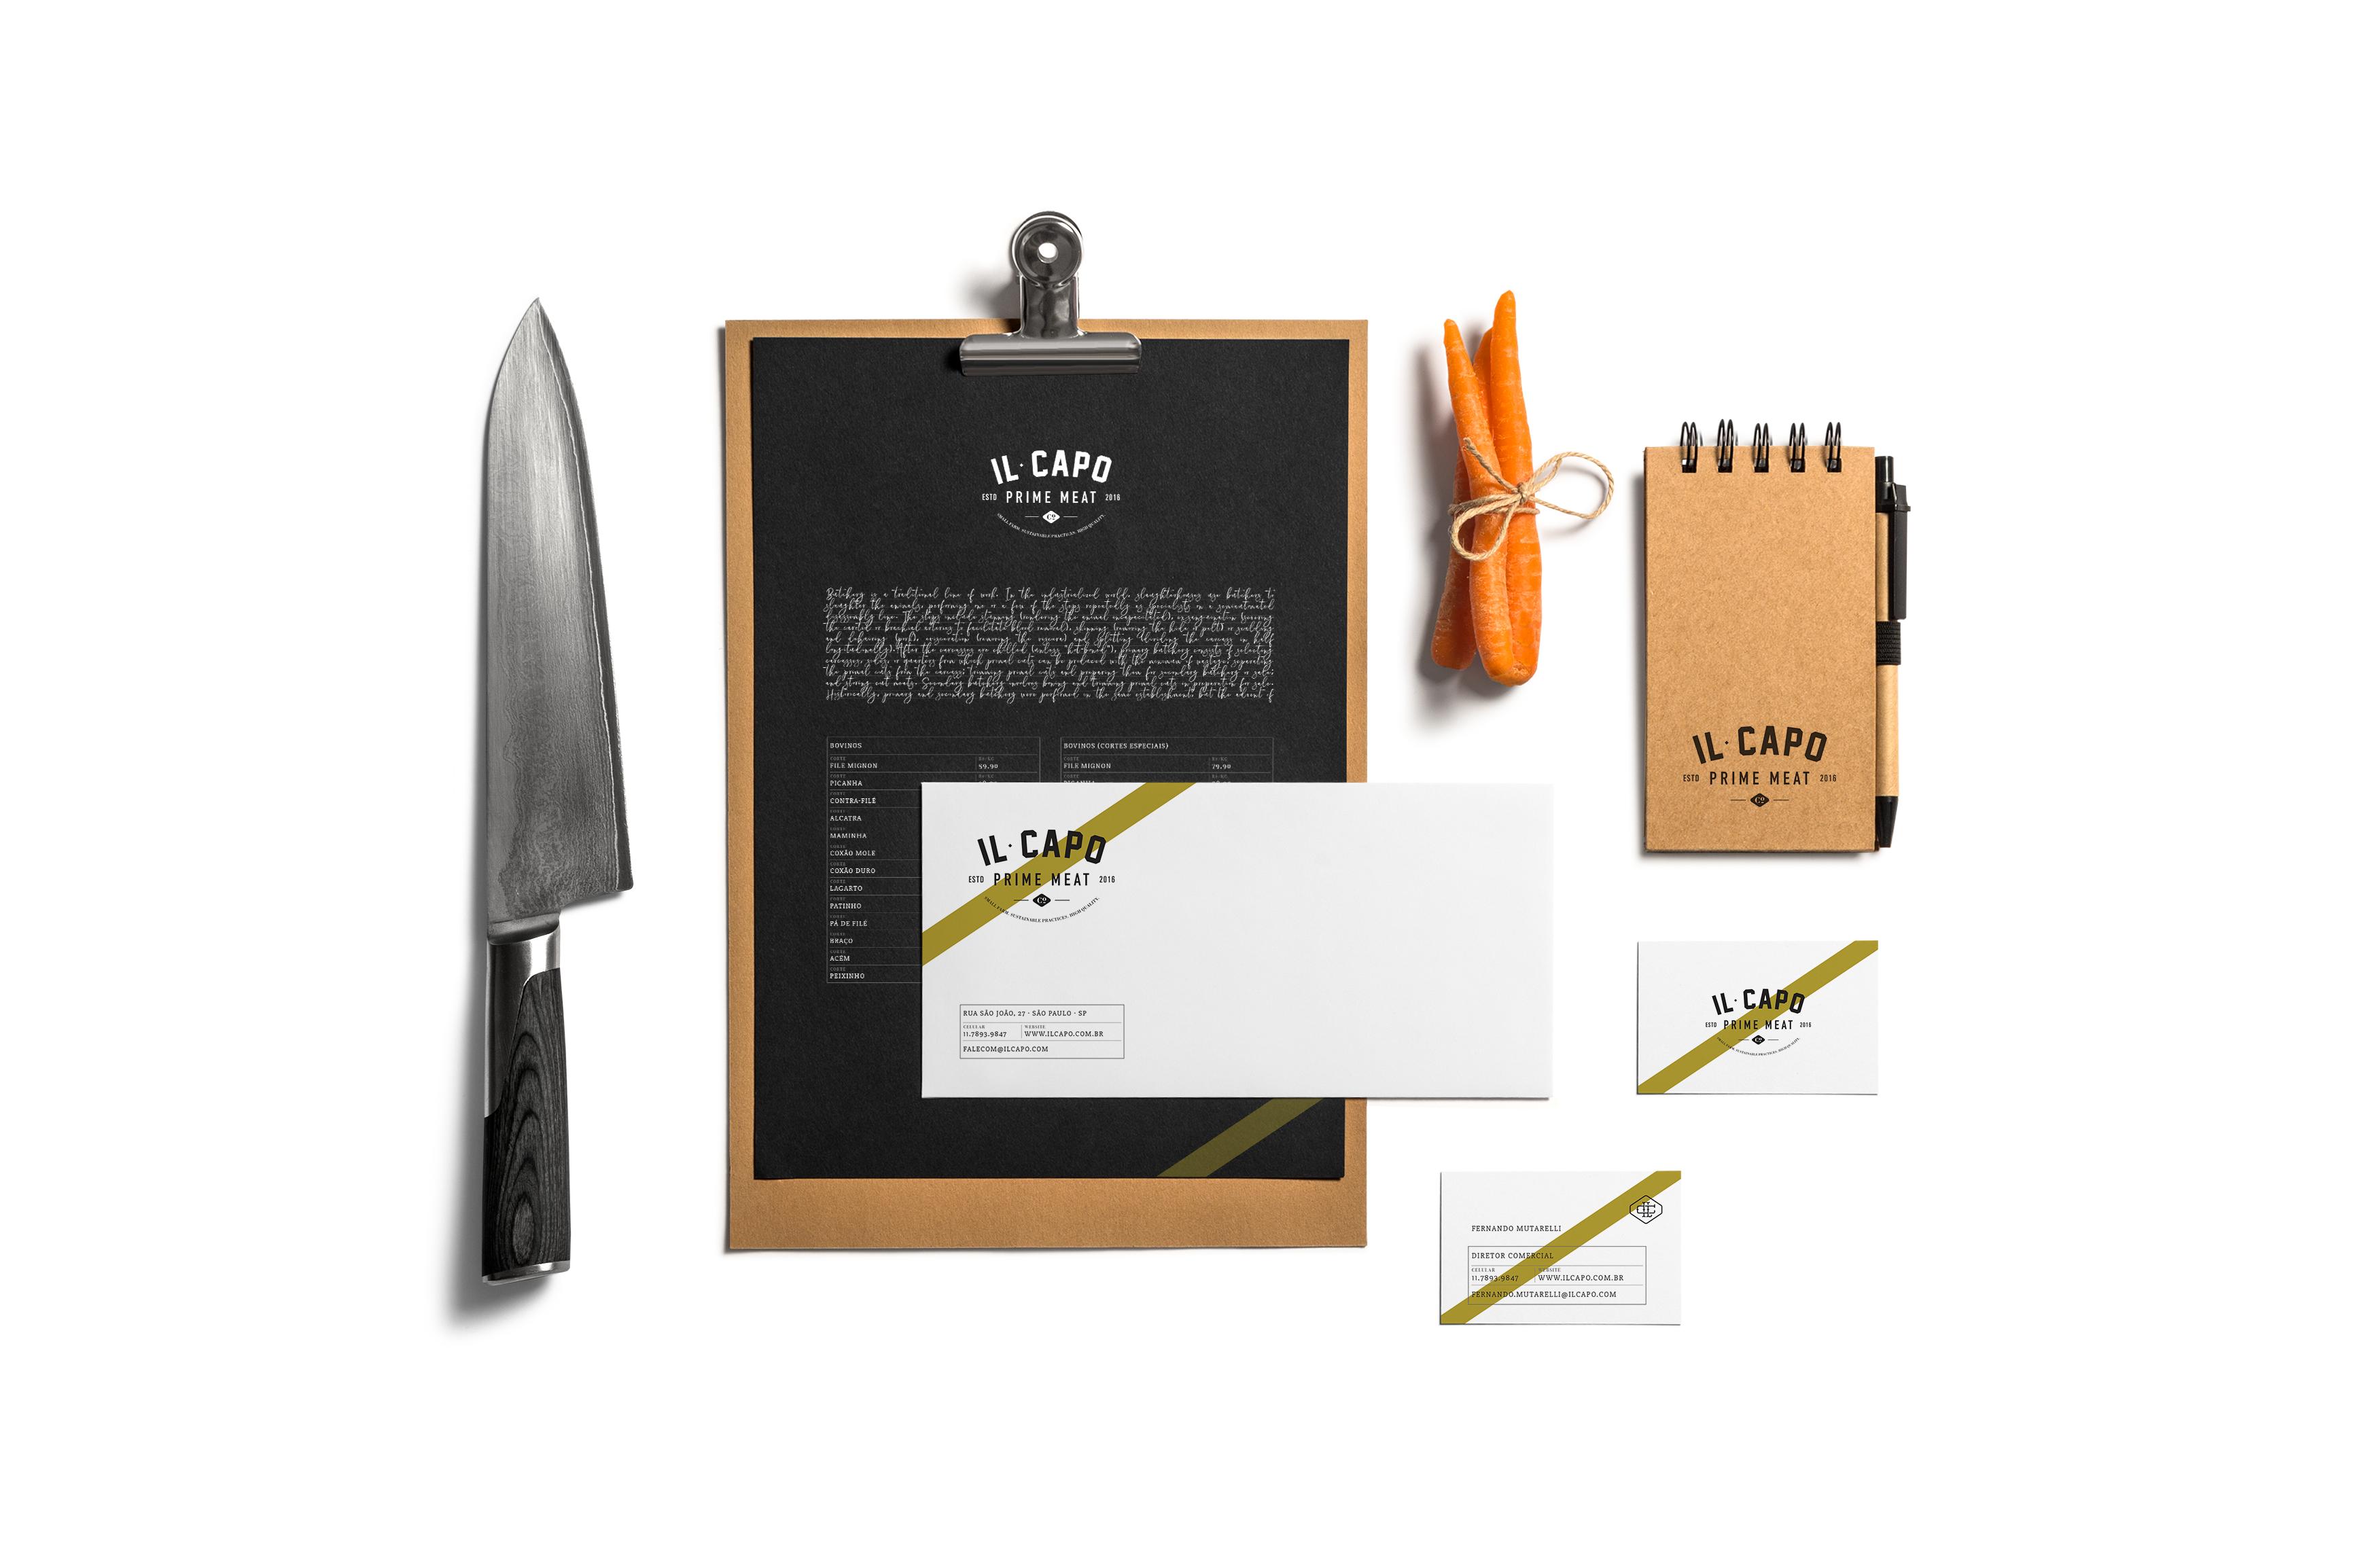 Branding_IlCapo_03